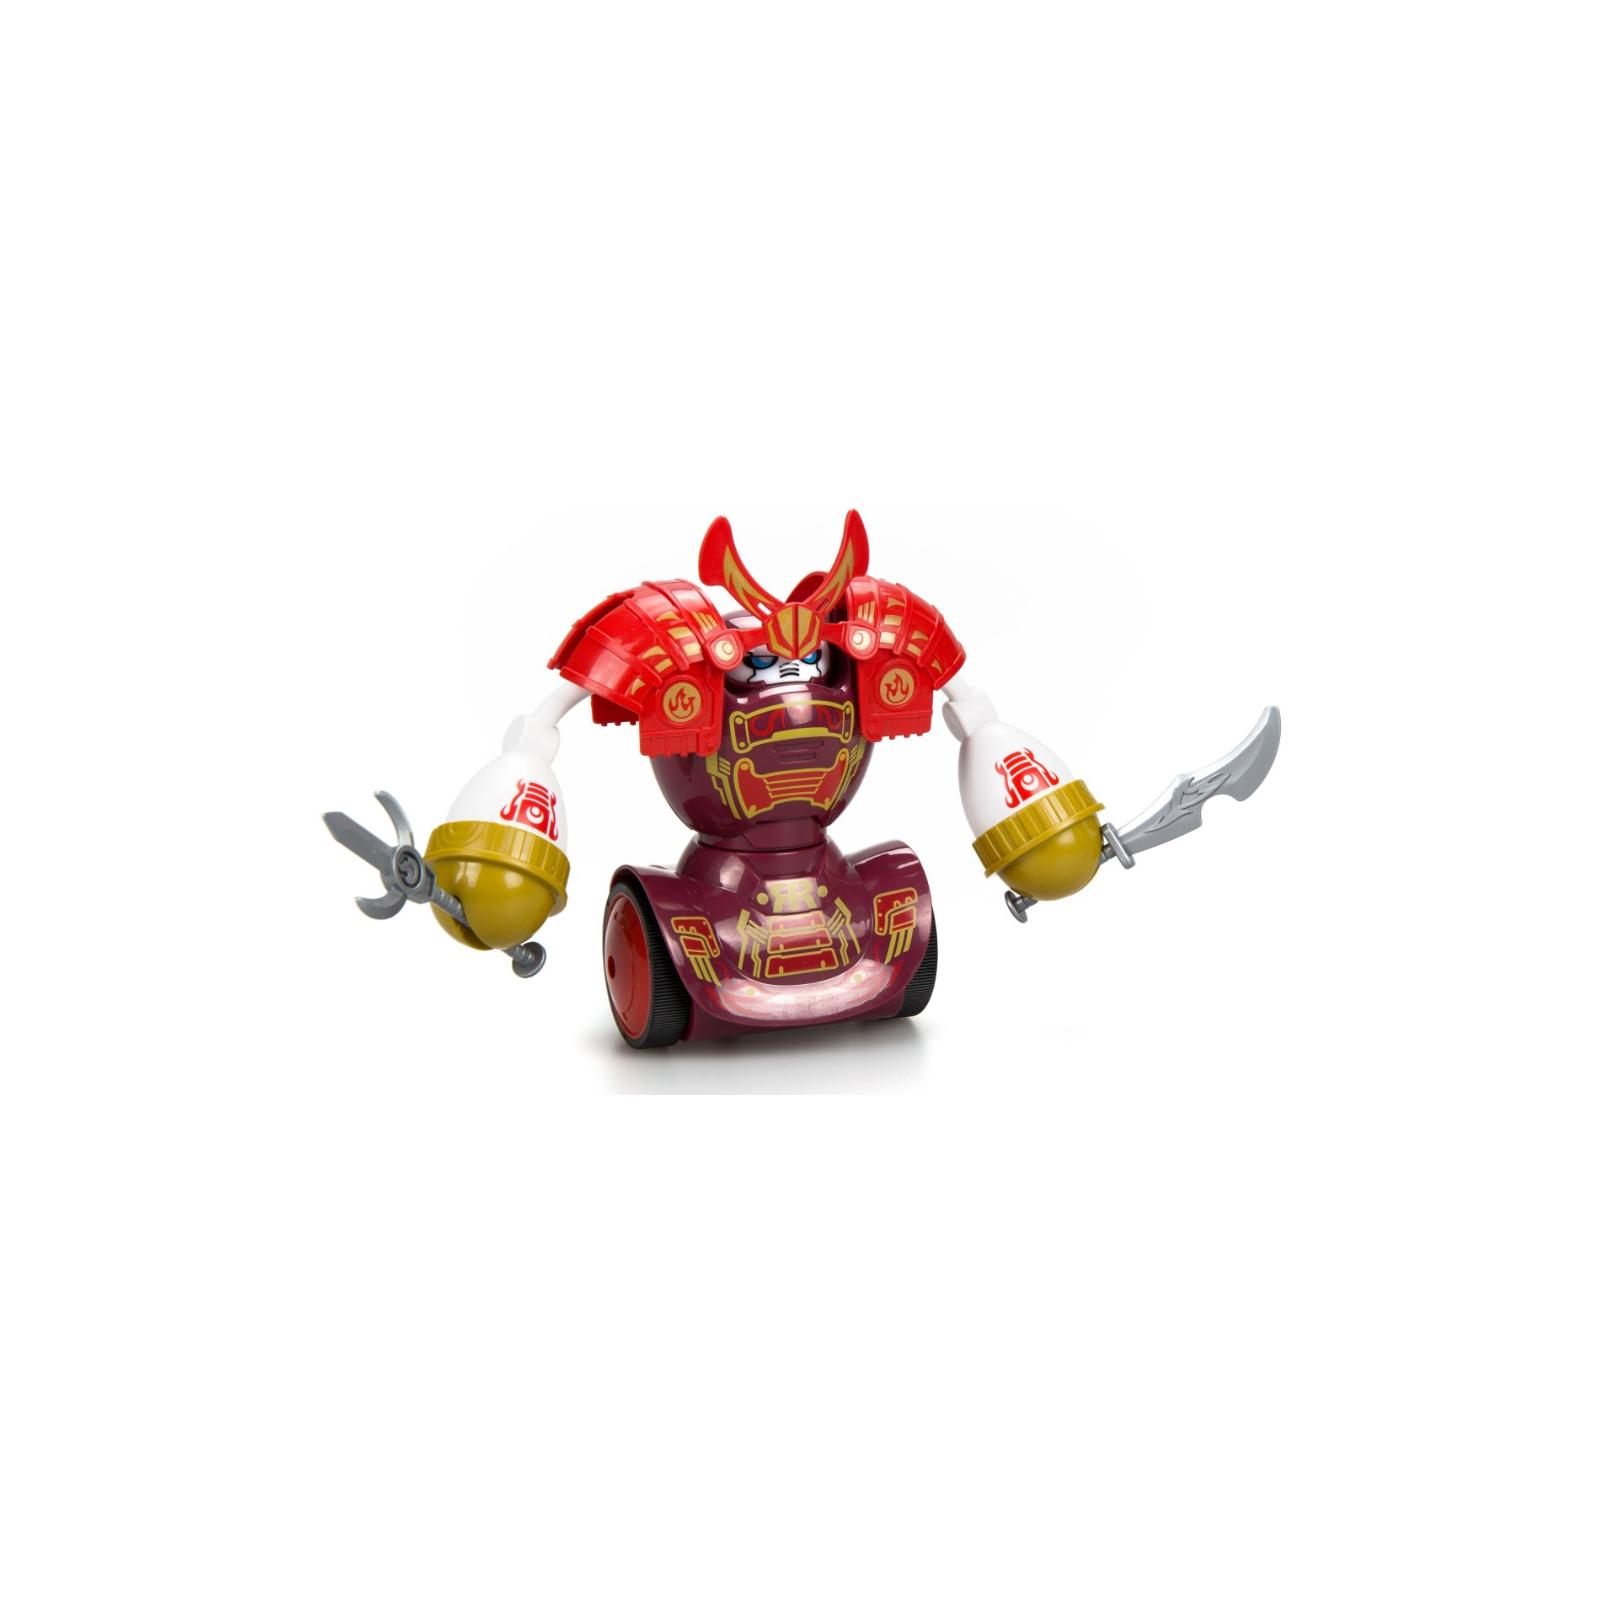 Интерактивная игрушка Silverlit Роботы-самураи (88056) изображение 3